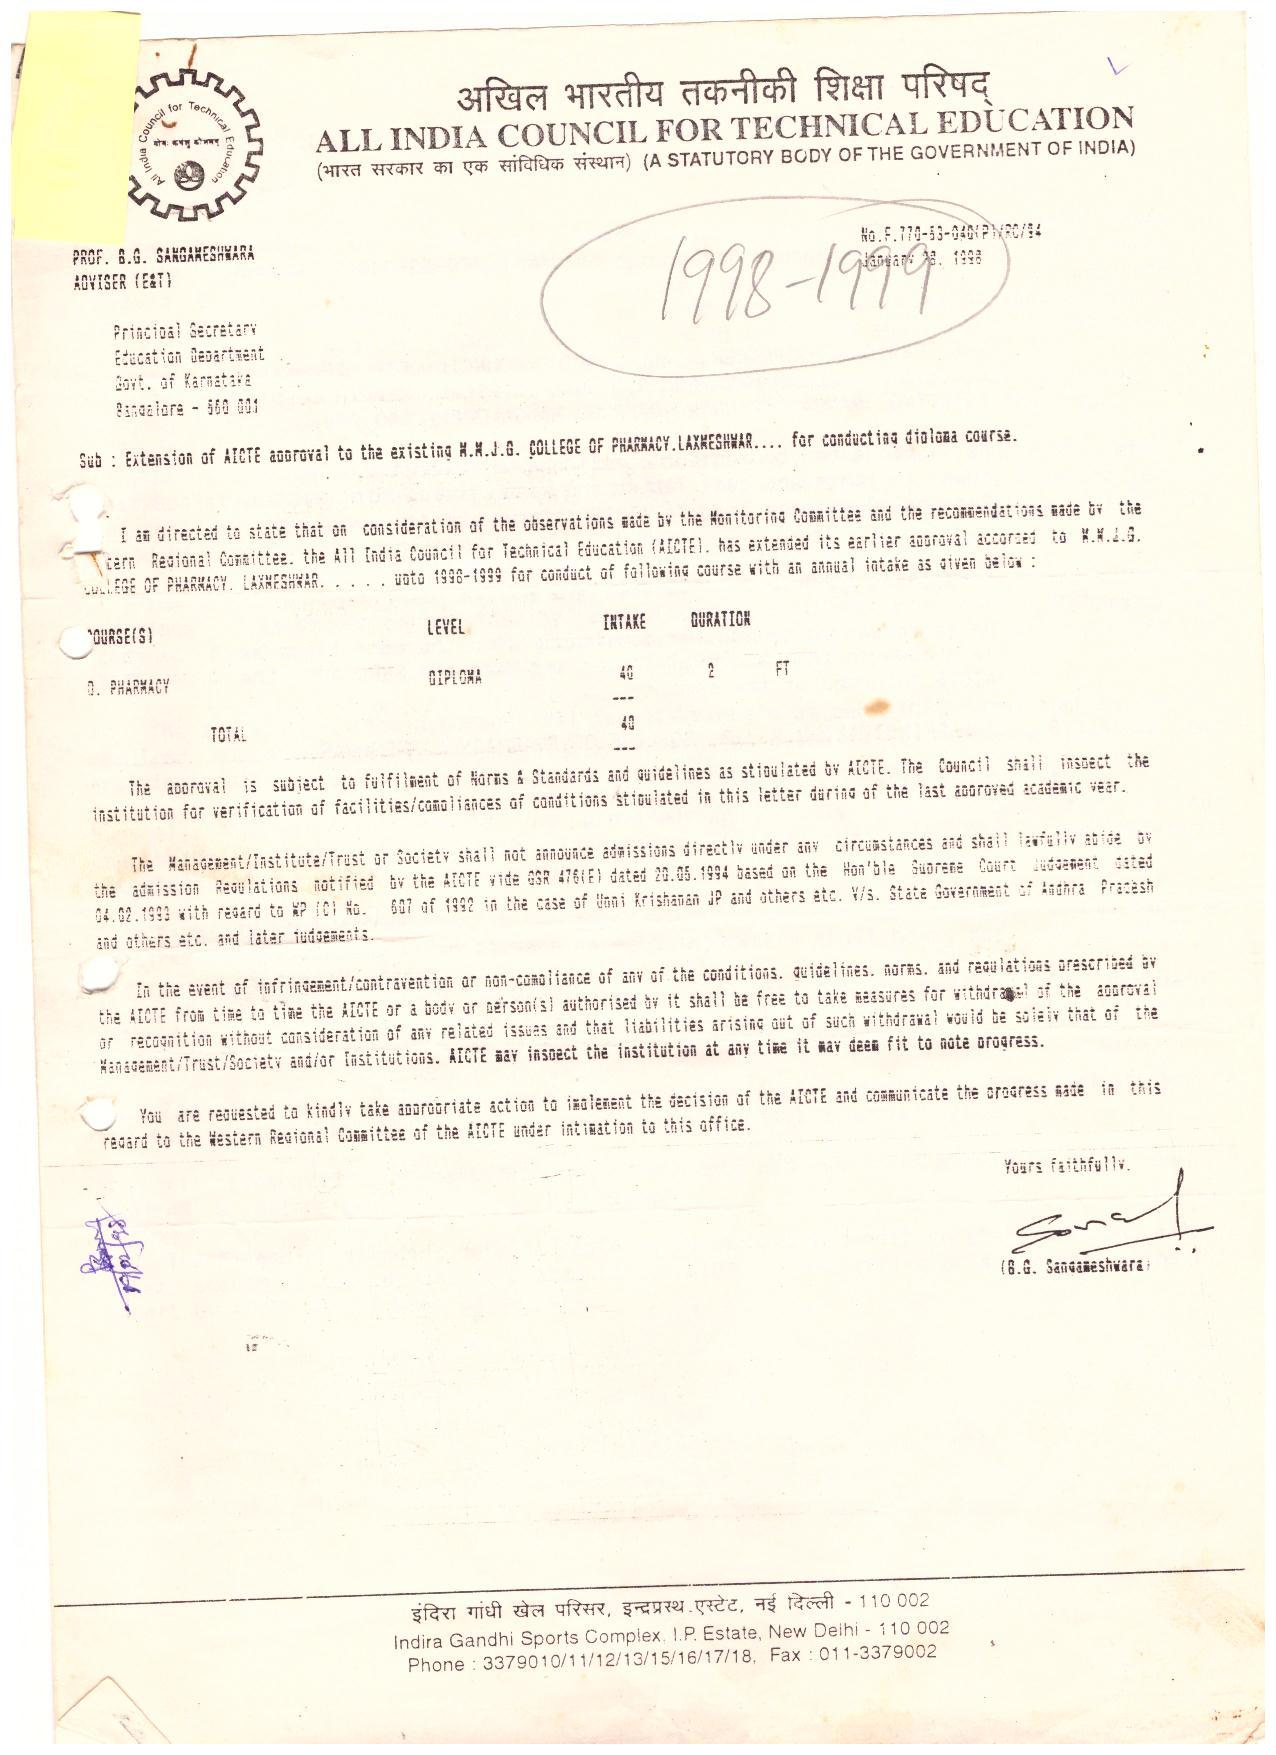 AICTE Approval Copy 1998-99 (1)(1)